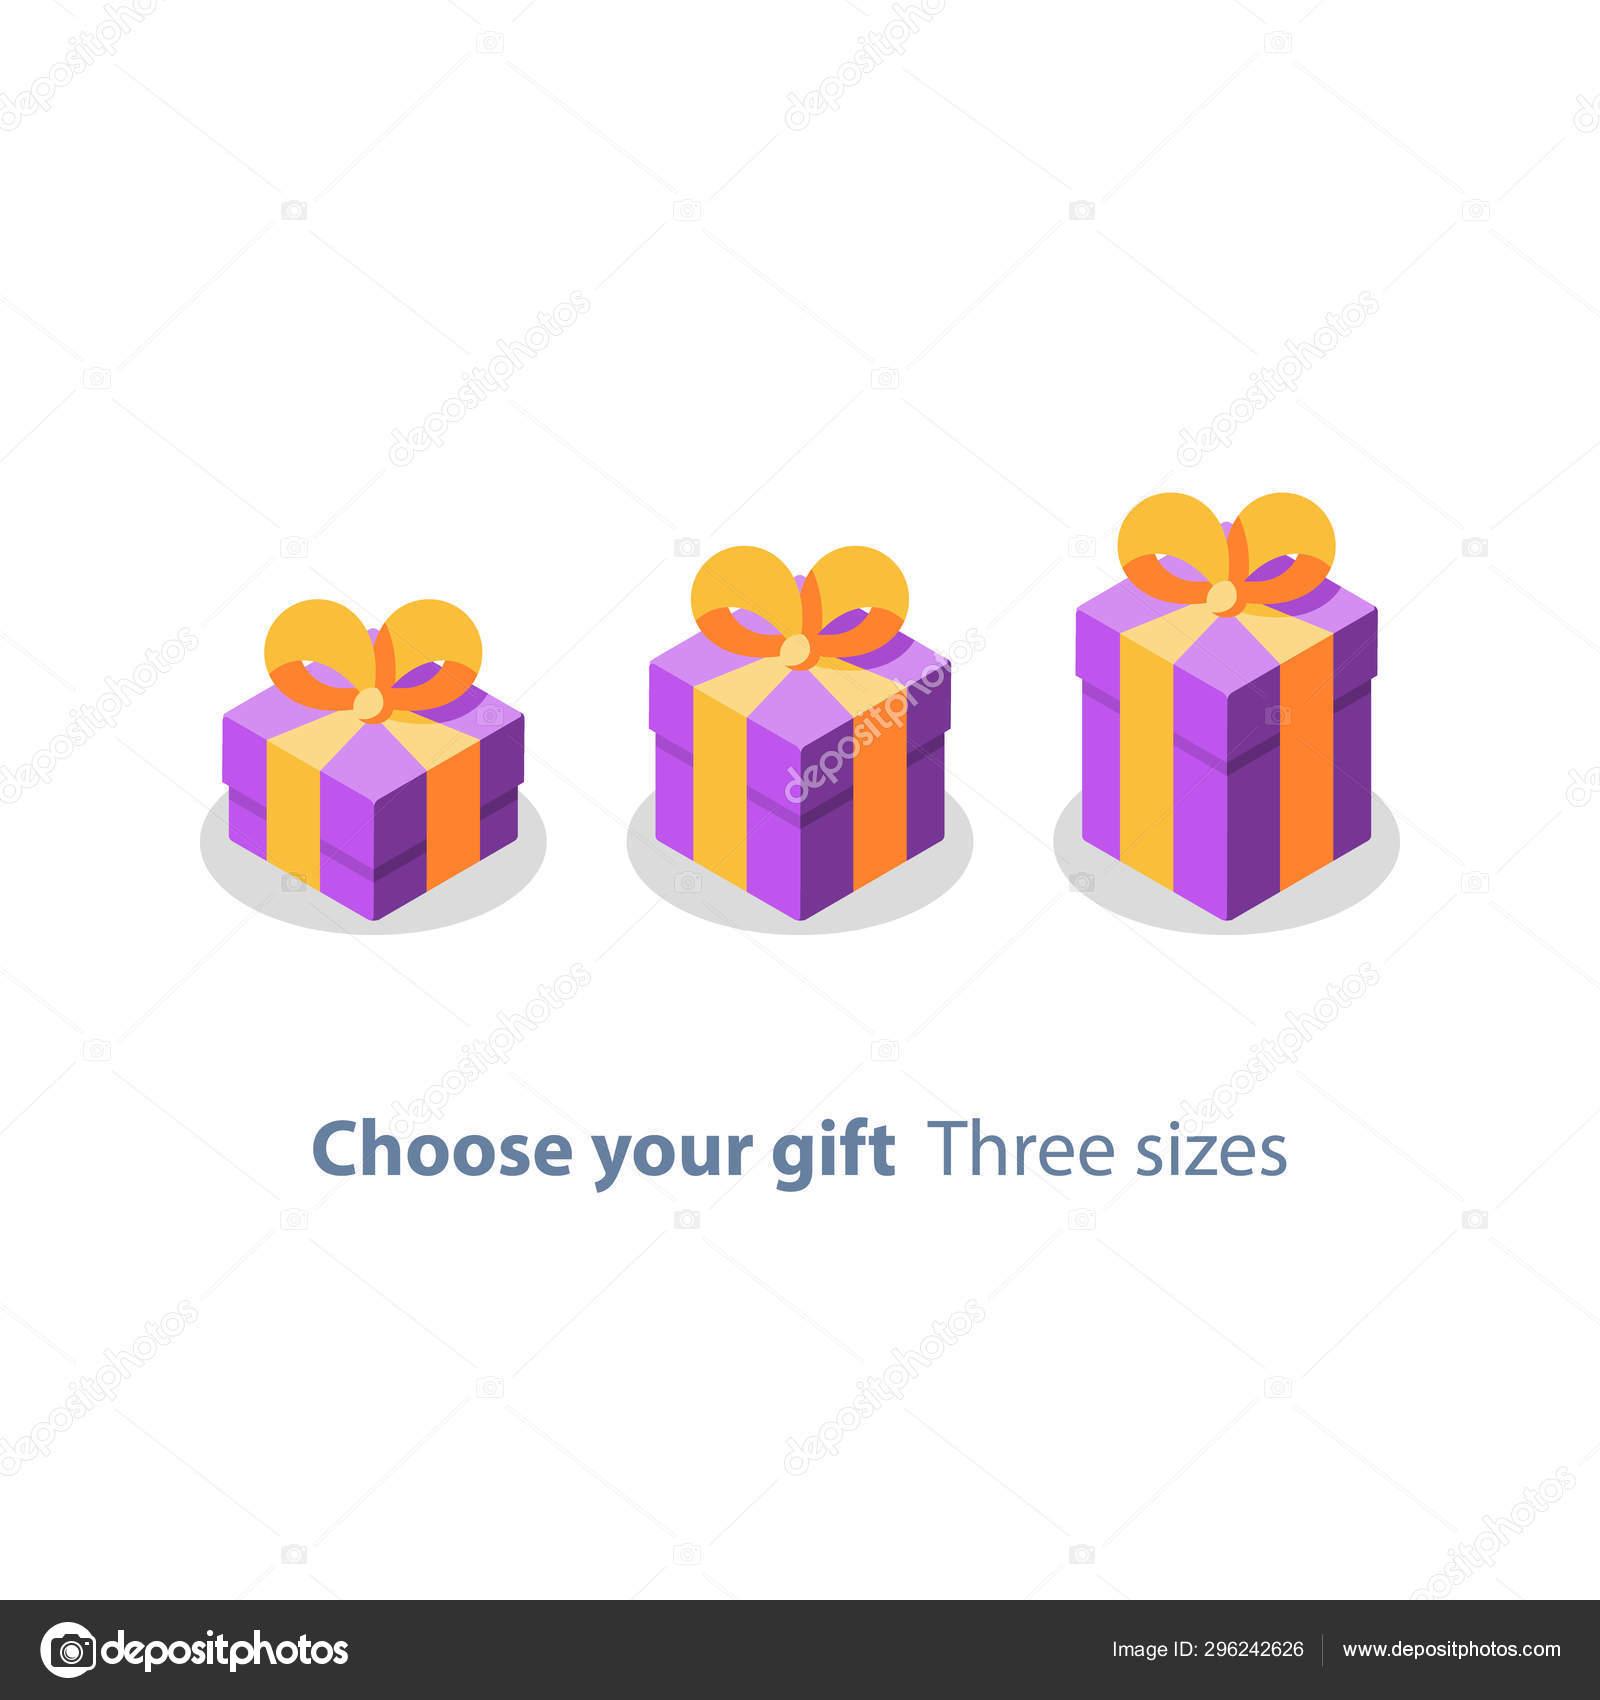 La Boite Jaune Prix trois tailles de cadeau, boîte pourpre, ruban jaune, cadeau